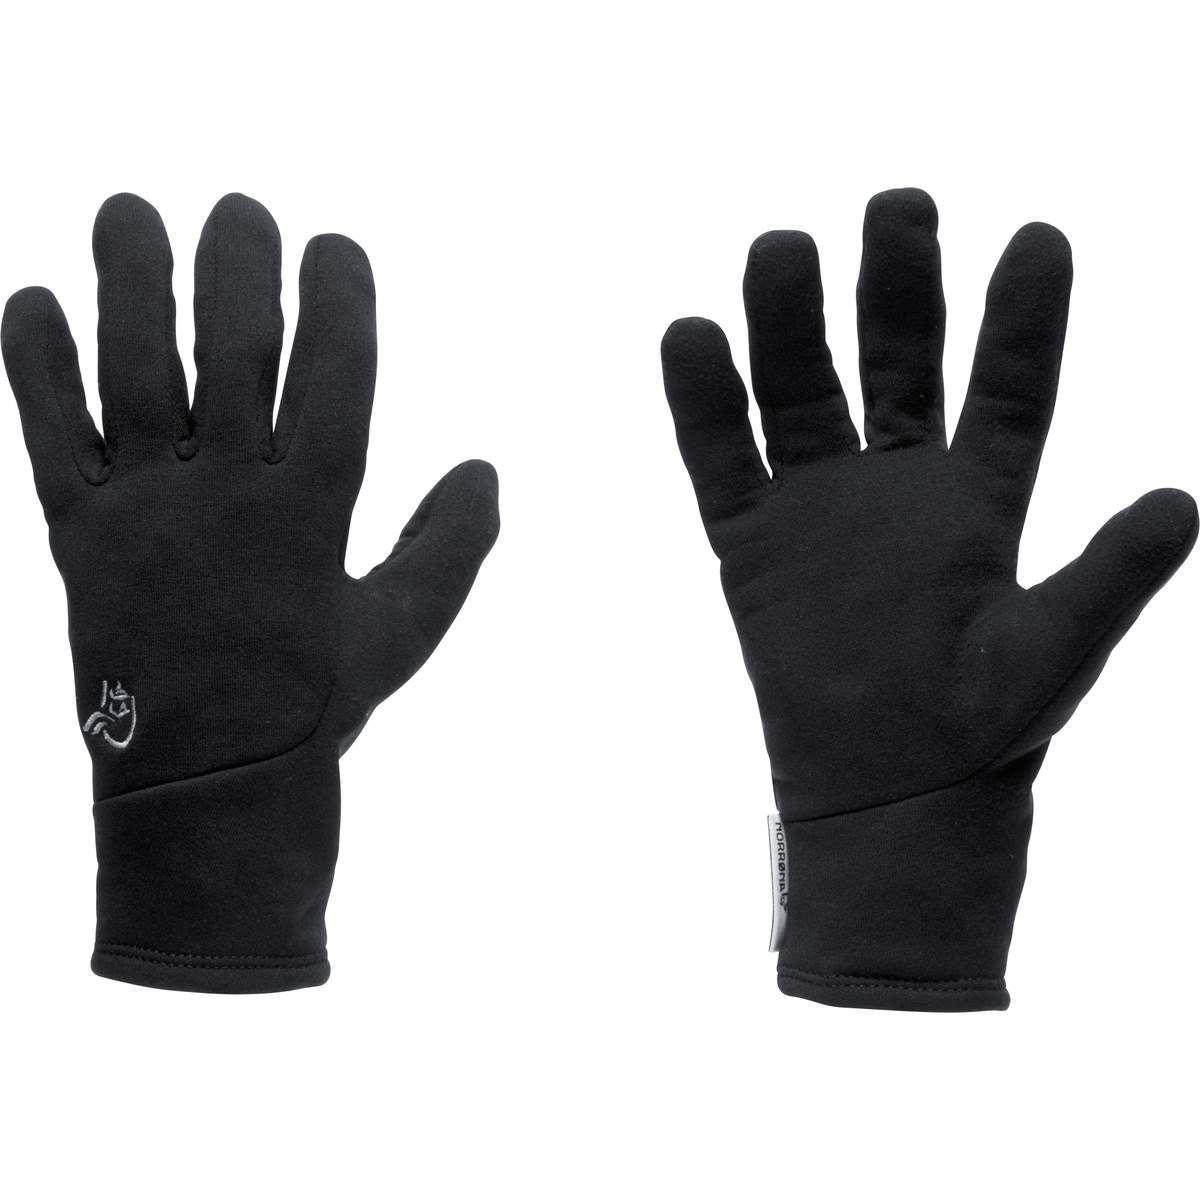 sorte hansker